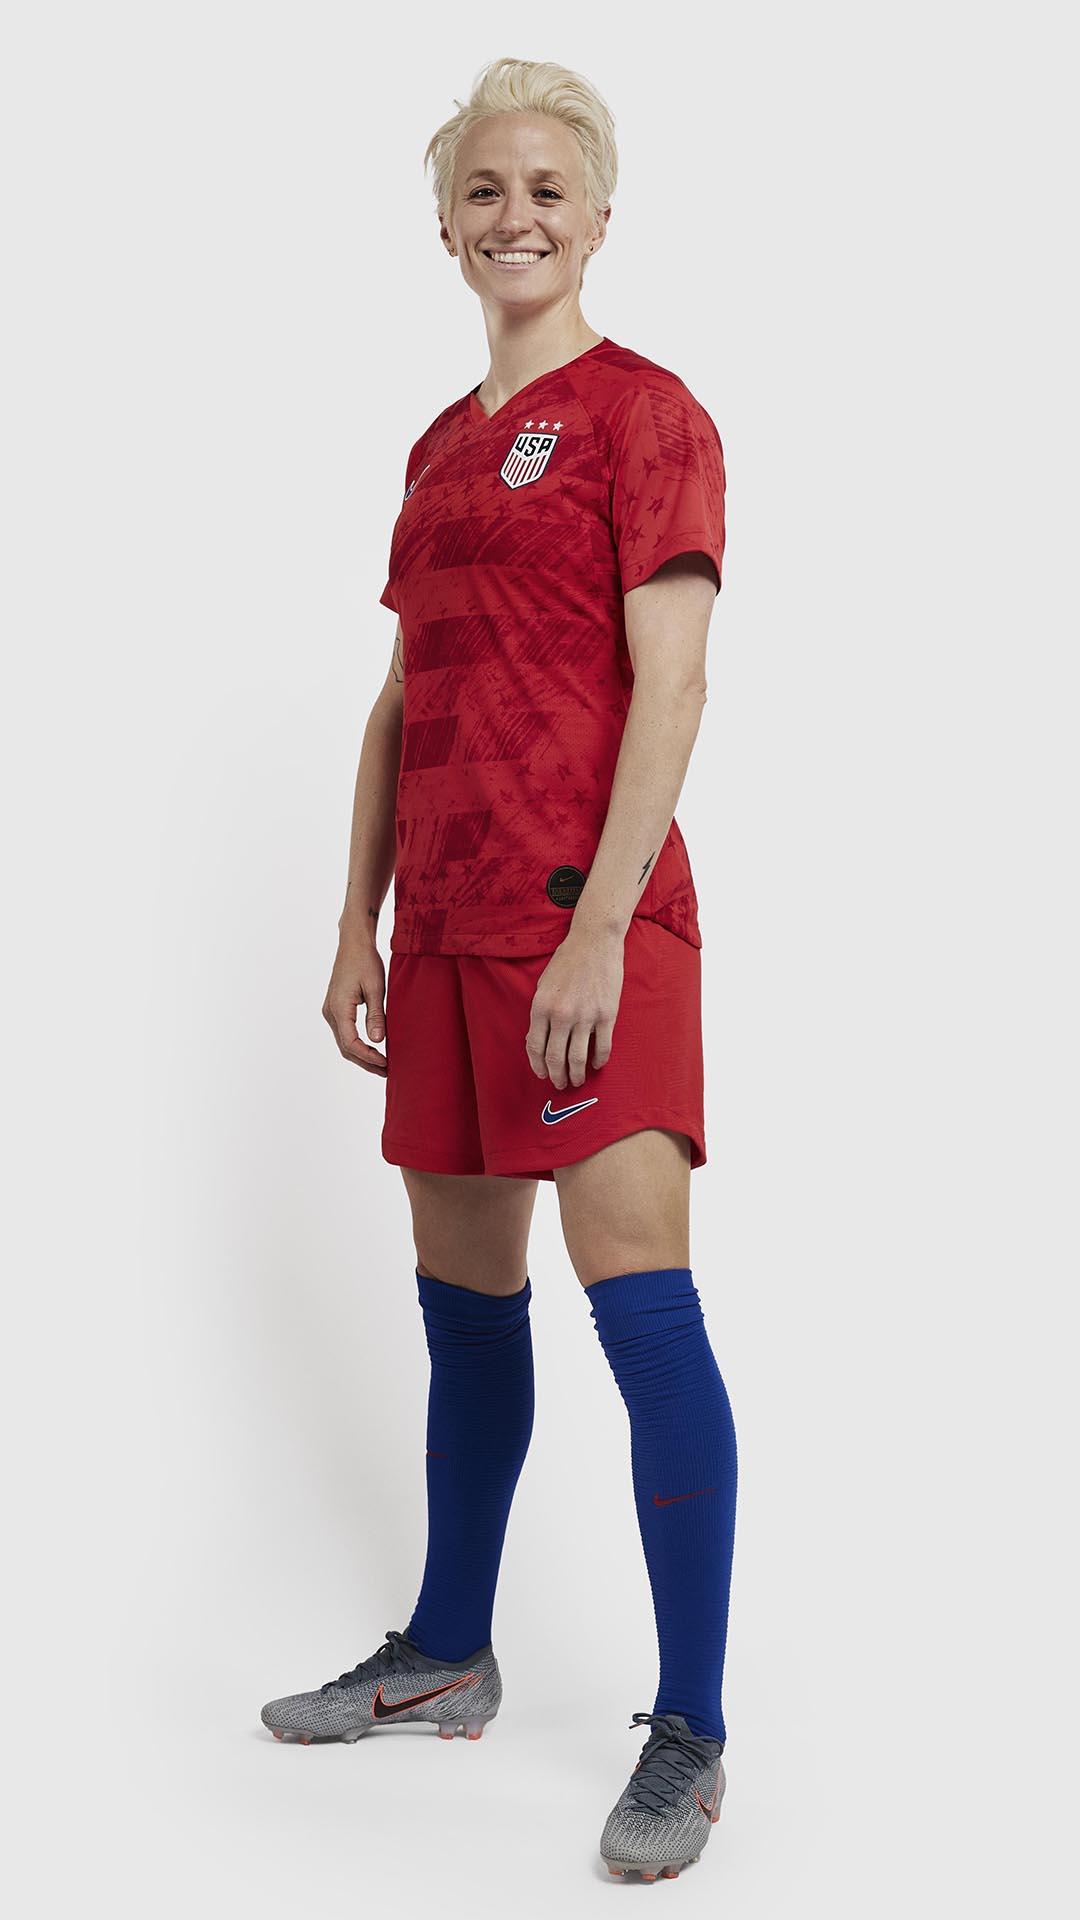 maillot-exterieur-usa-etats-unis-coupe-du-monde-feminine-2019-nike